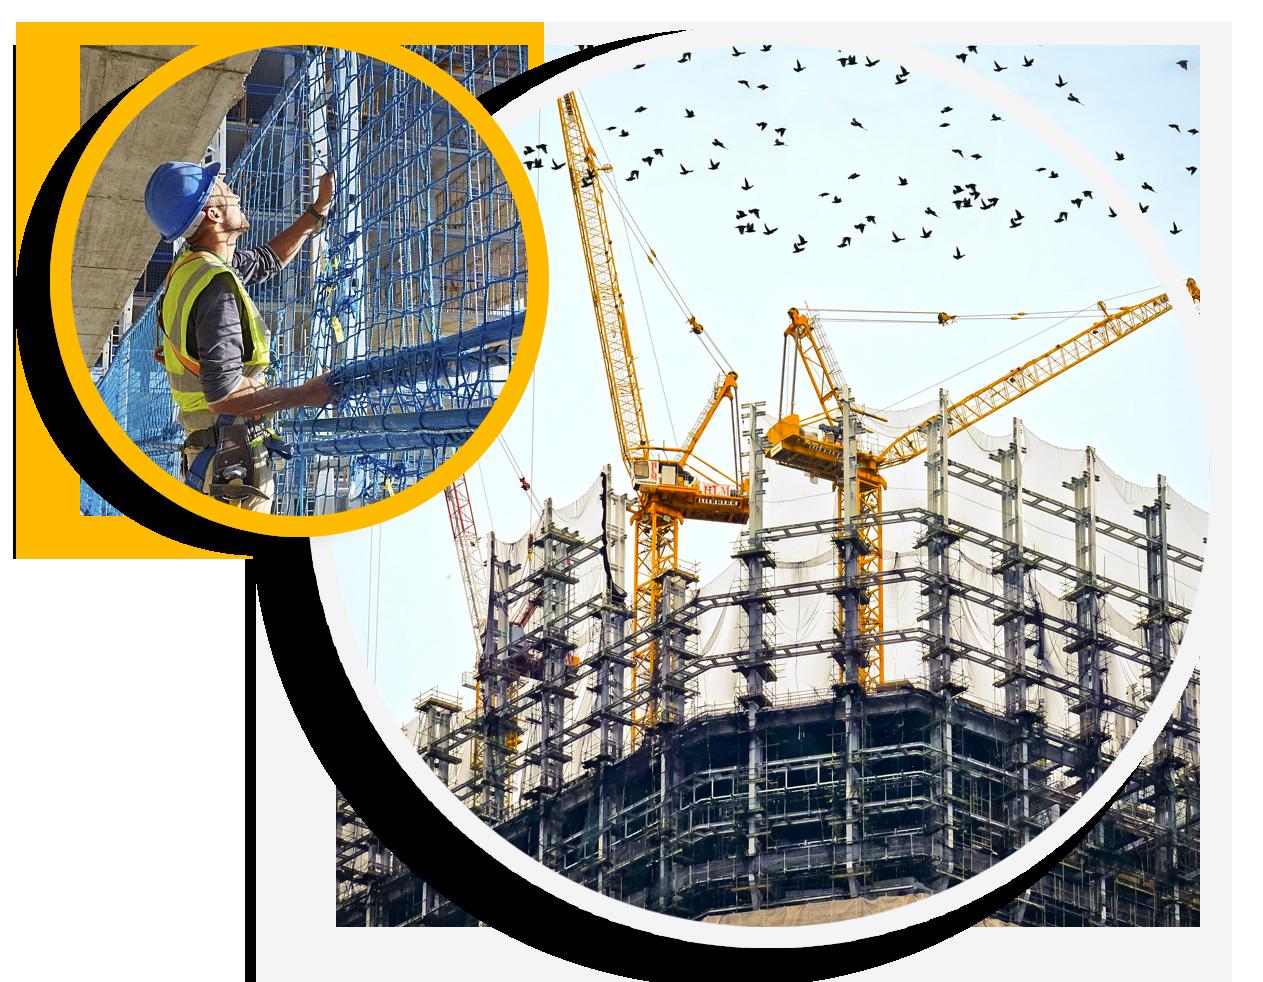 prevenzione-infortuni-progettazione-architettonica